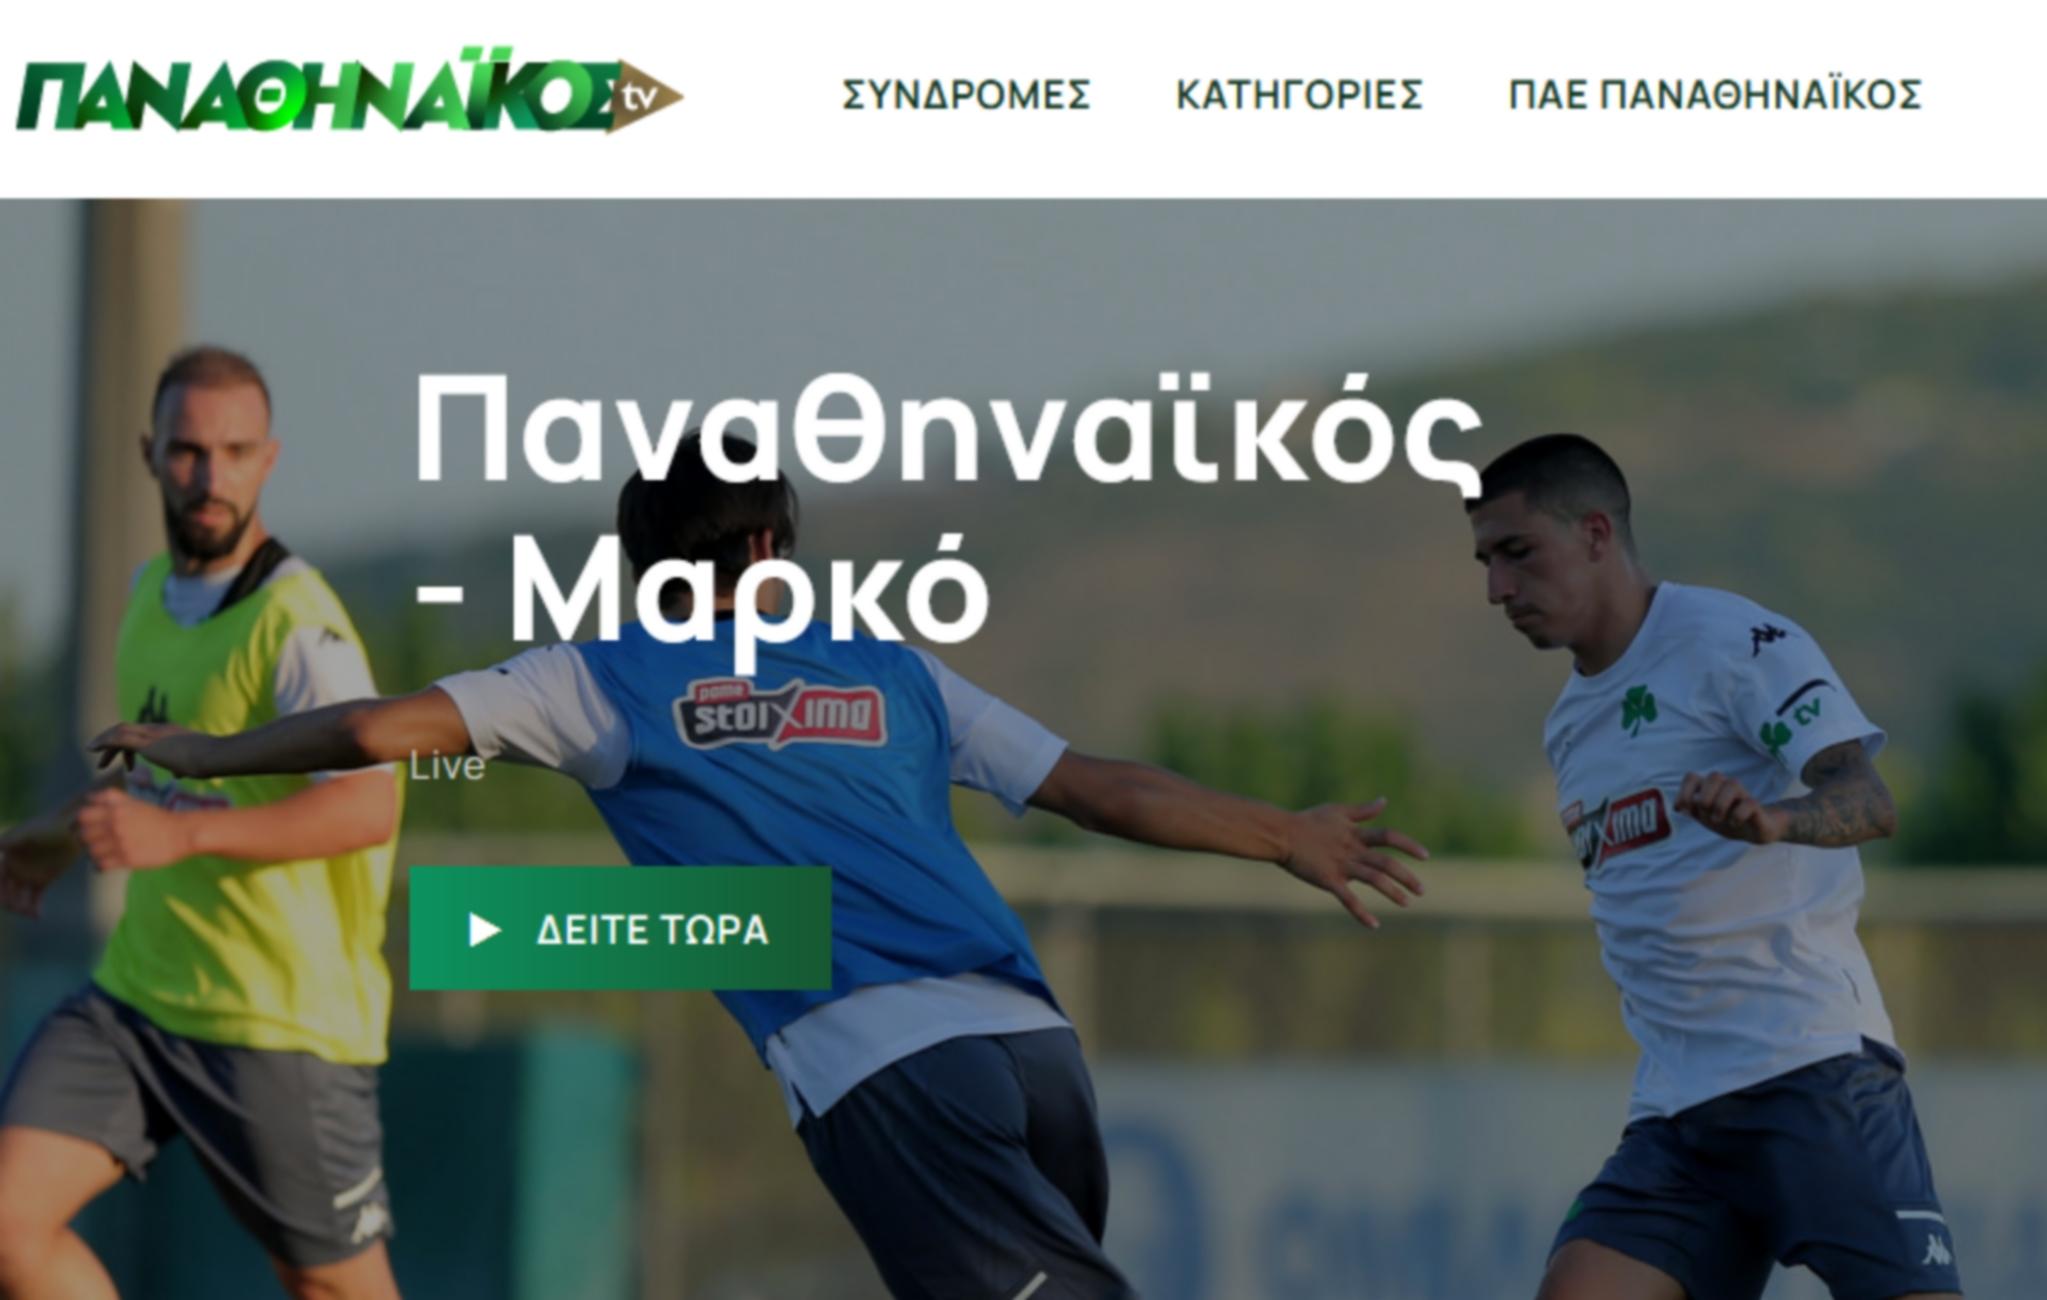 """Στον """"αέρα"""" το Παναθηναϊκός TV – Το πρώτο ματς που θα δείξει"""